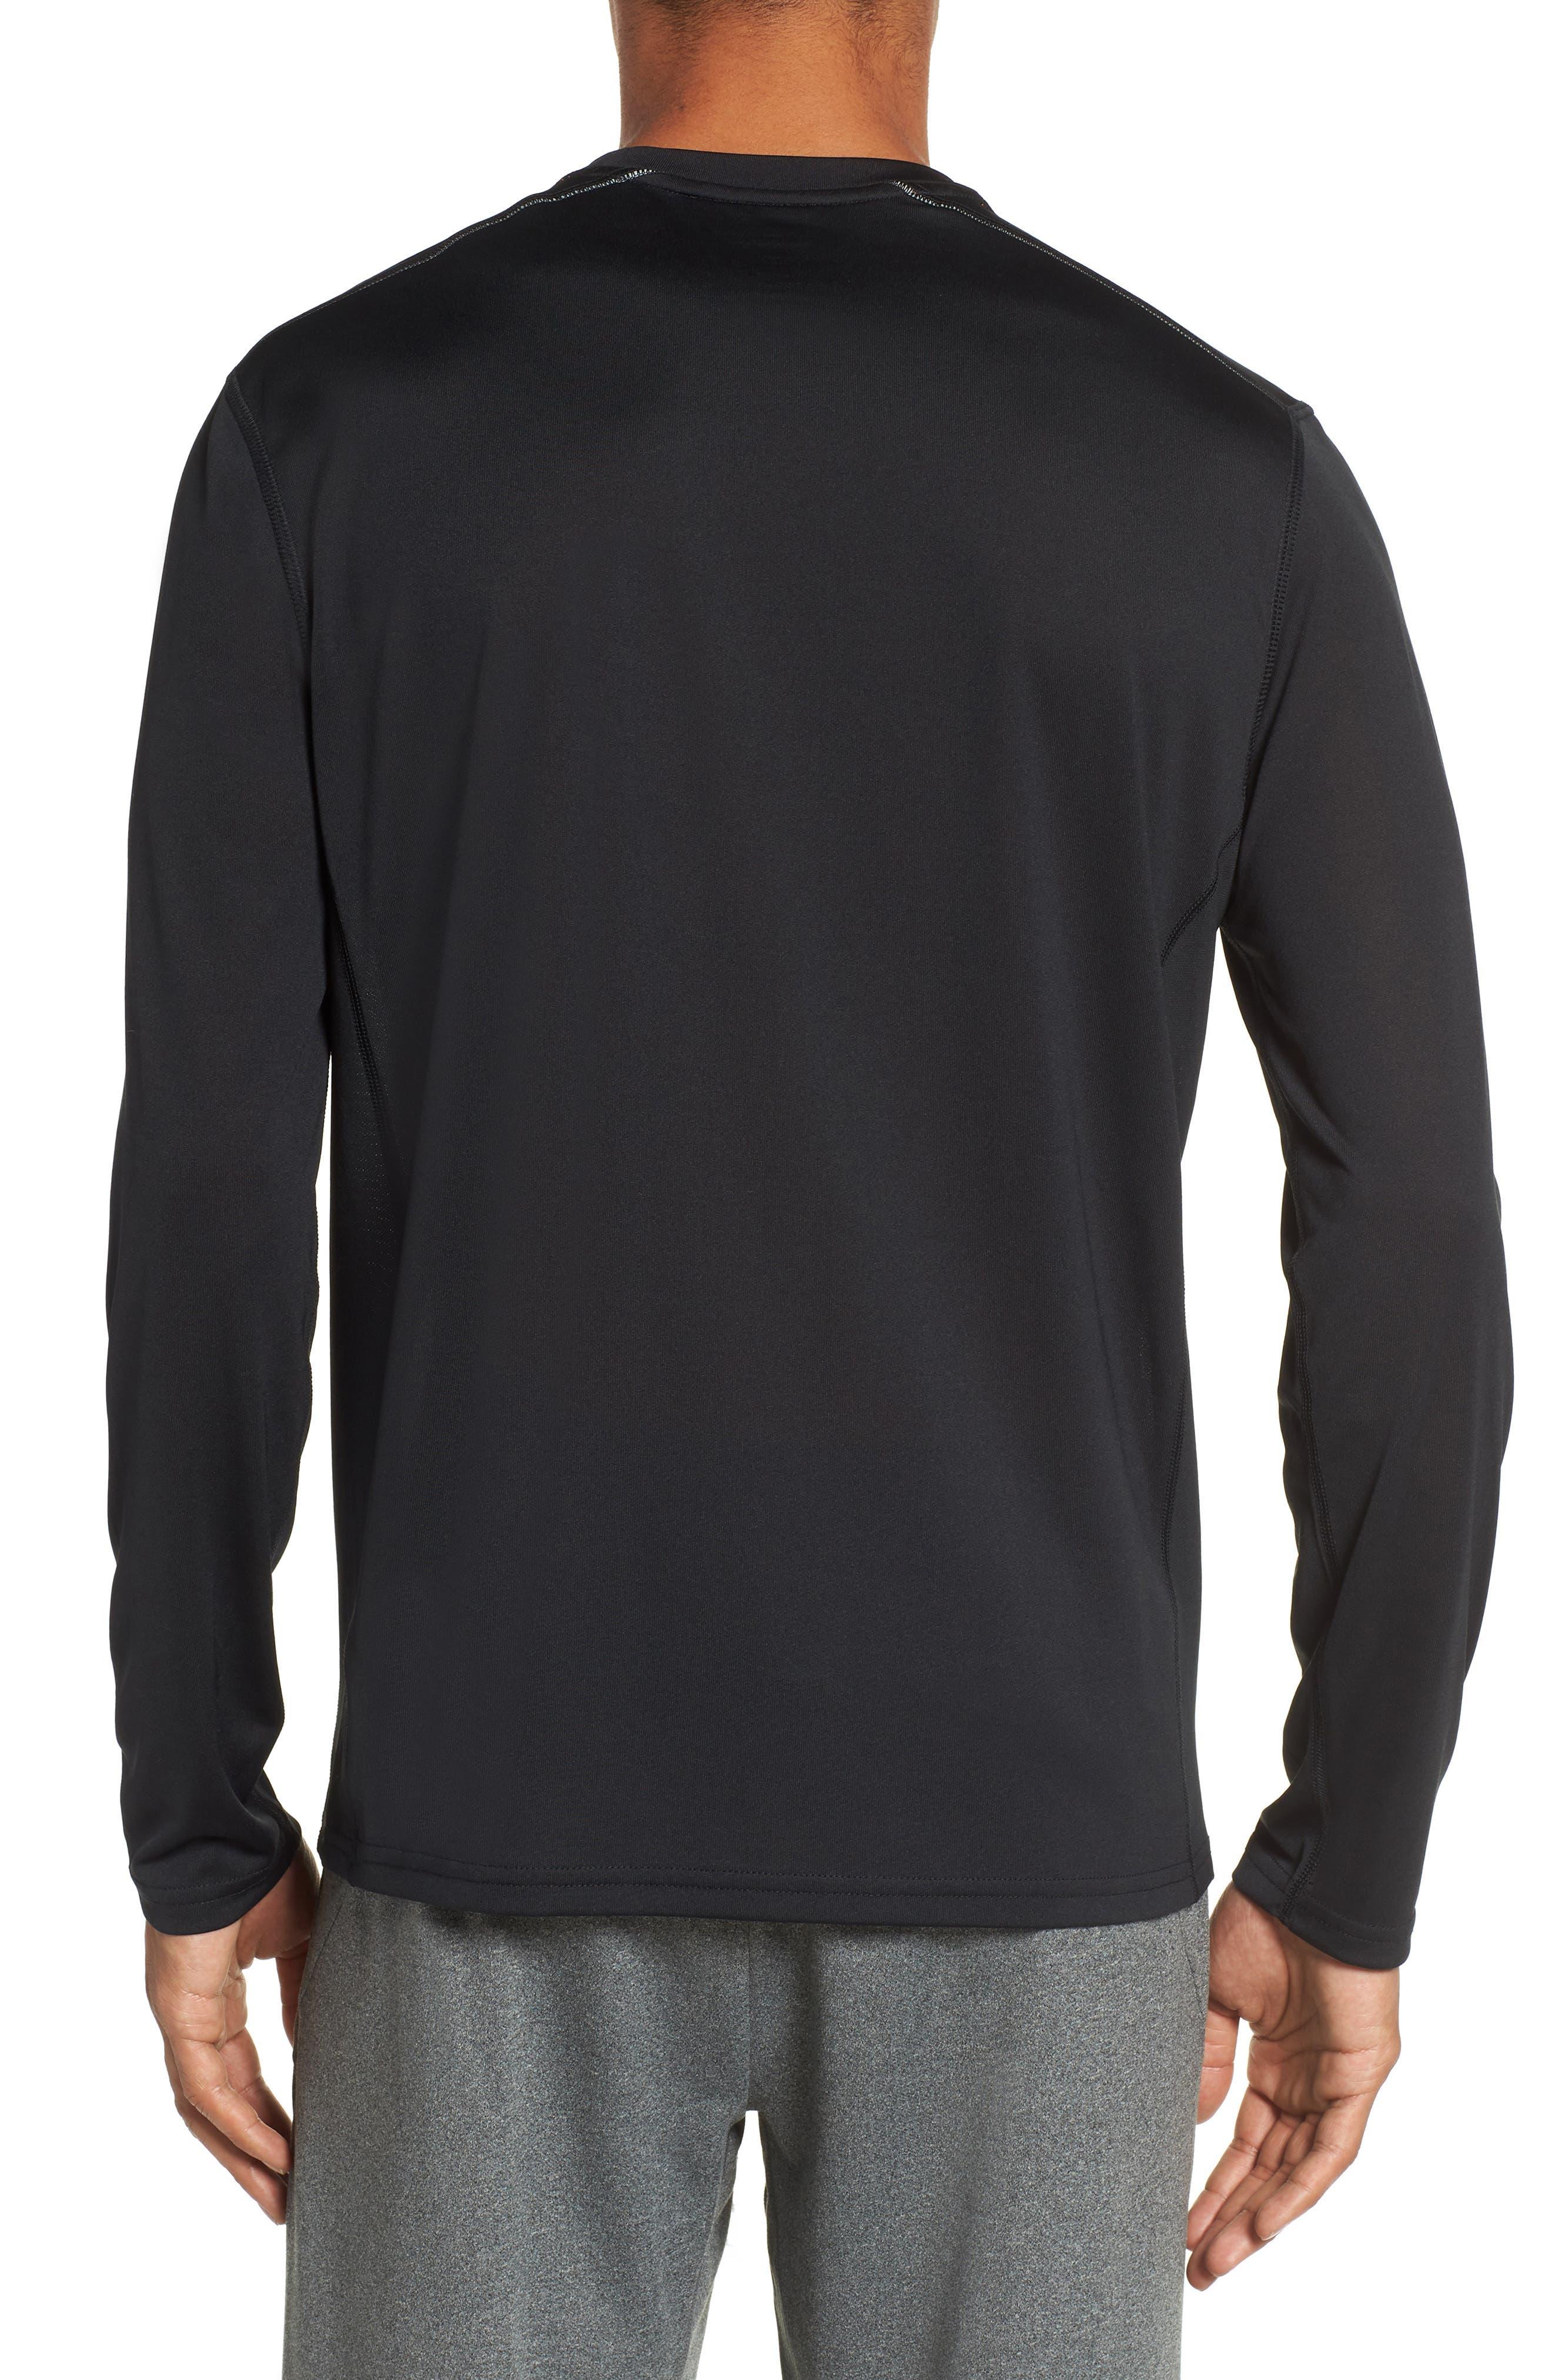 Goodsport T-Shirt,                             Alternate thumbnail 2, color,                             JET BLACK